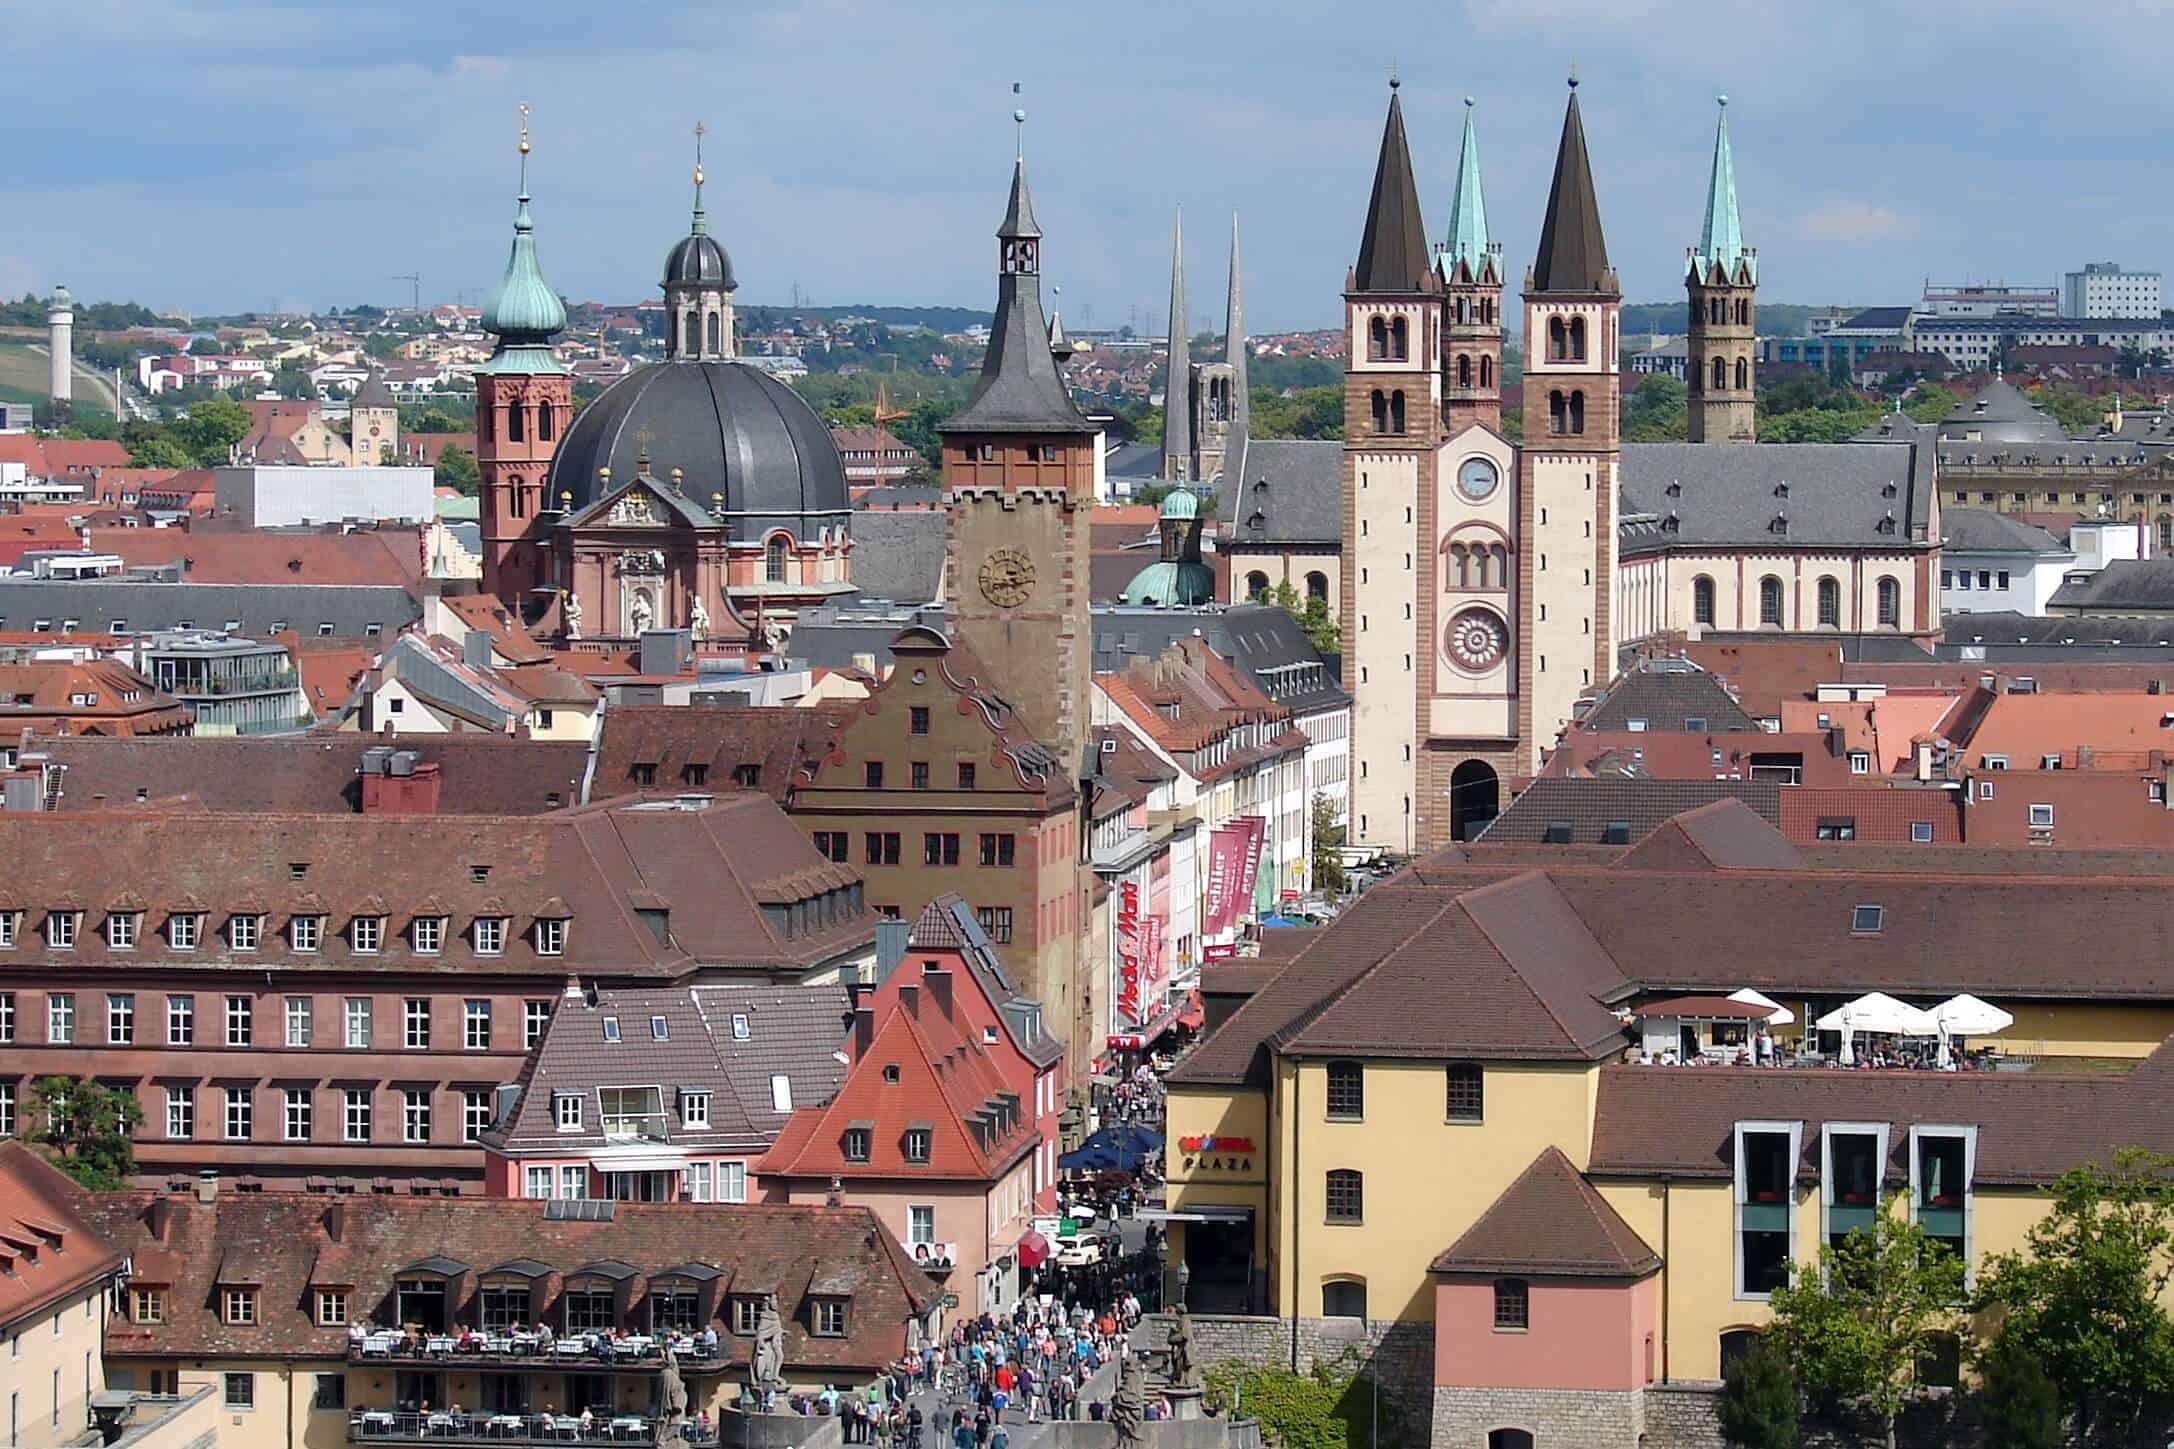 Wurtzburg town centre